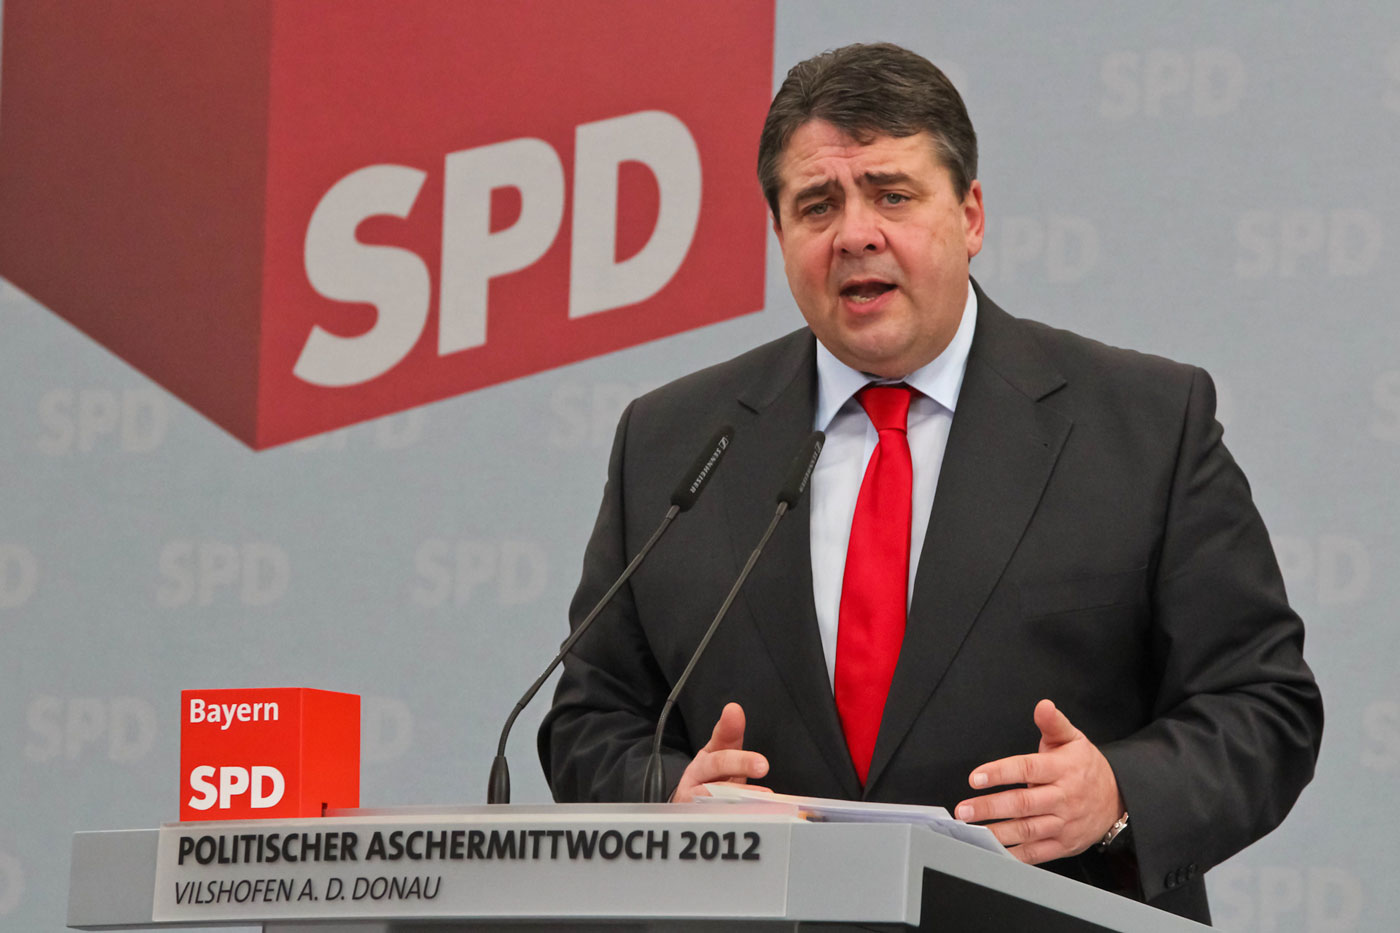 sigmar_gabriel_2012_politischer_aschermittwoch_spd_vilshofen_13